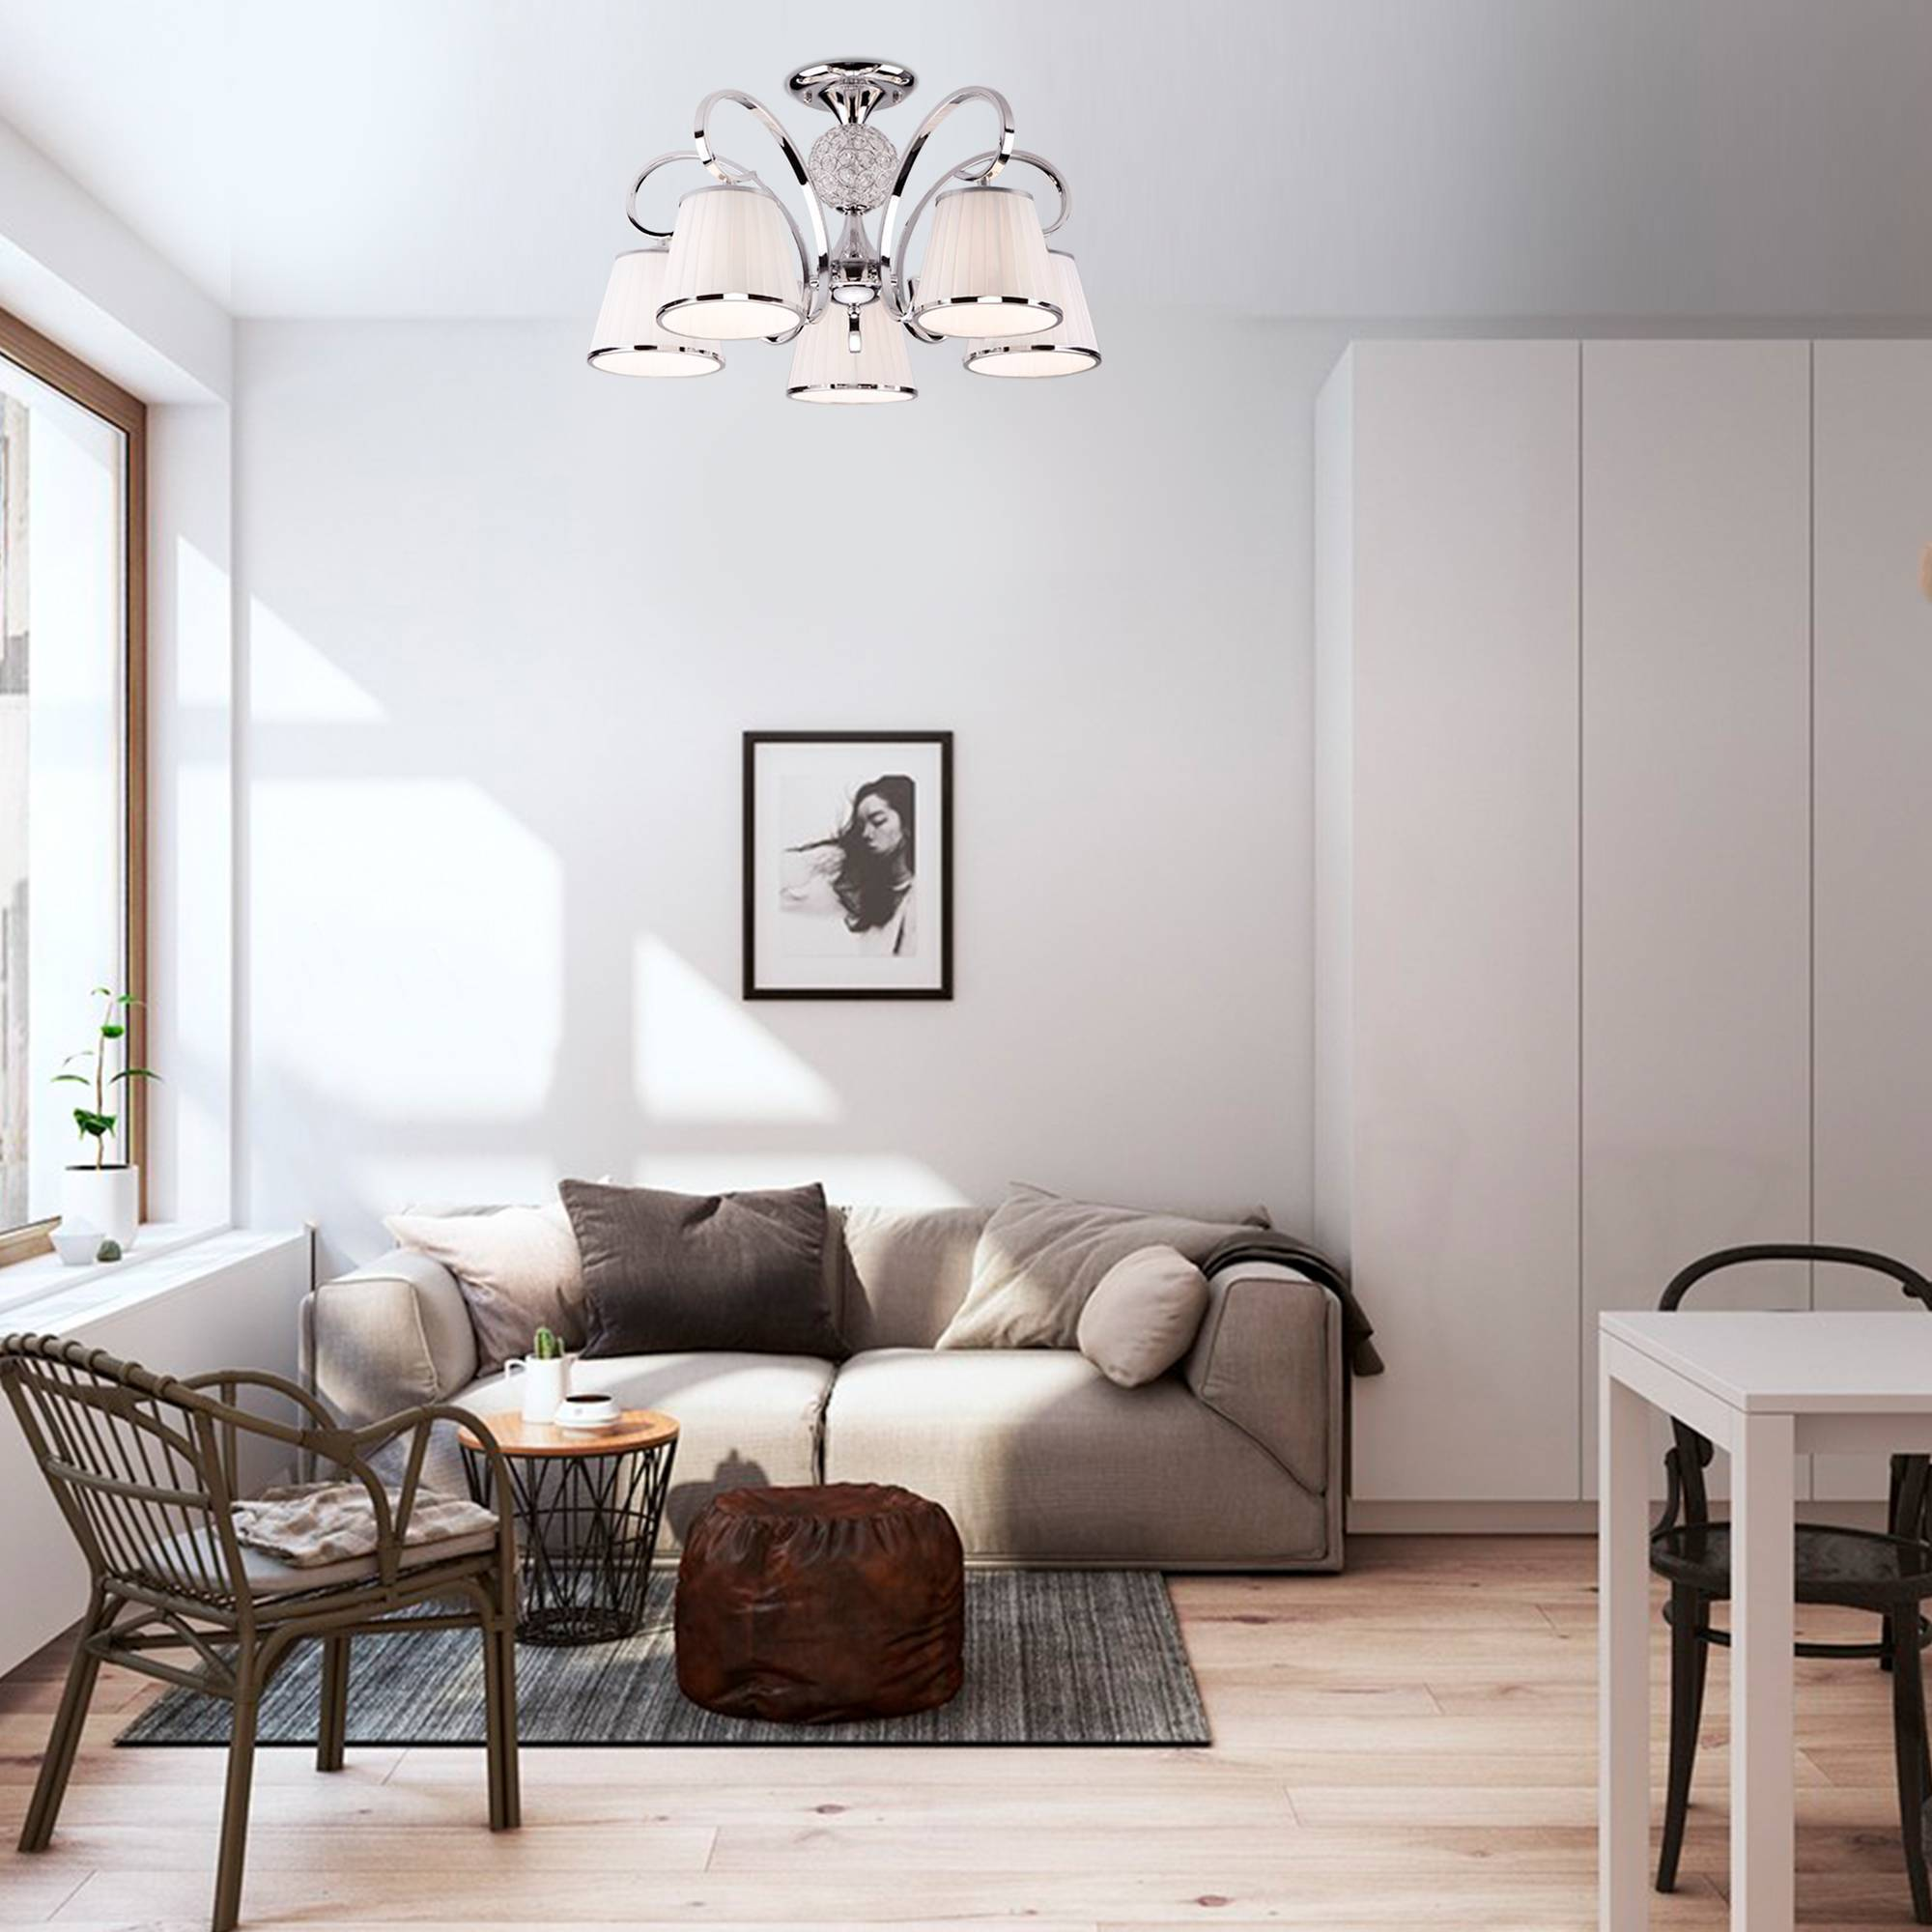 Примеры ярких стилей в интерьере. советы по созданию яркого интерьера.